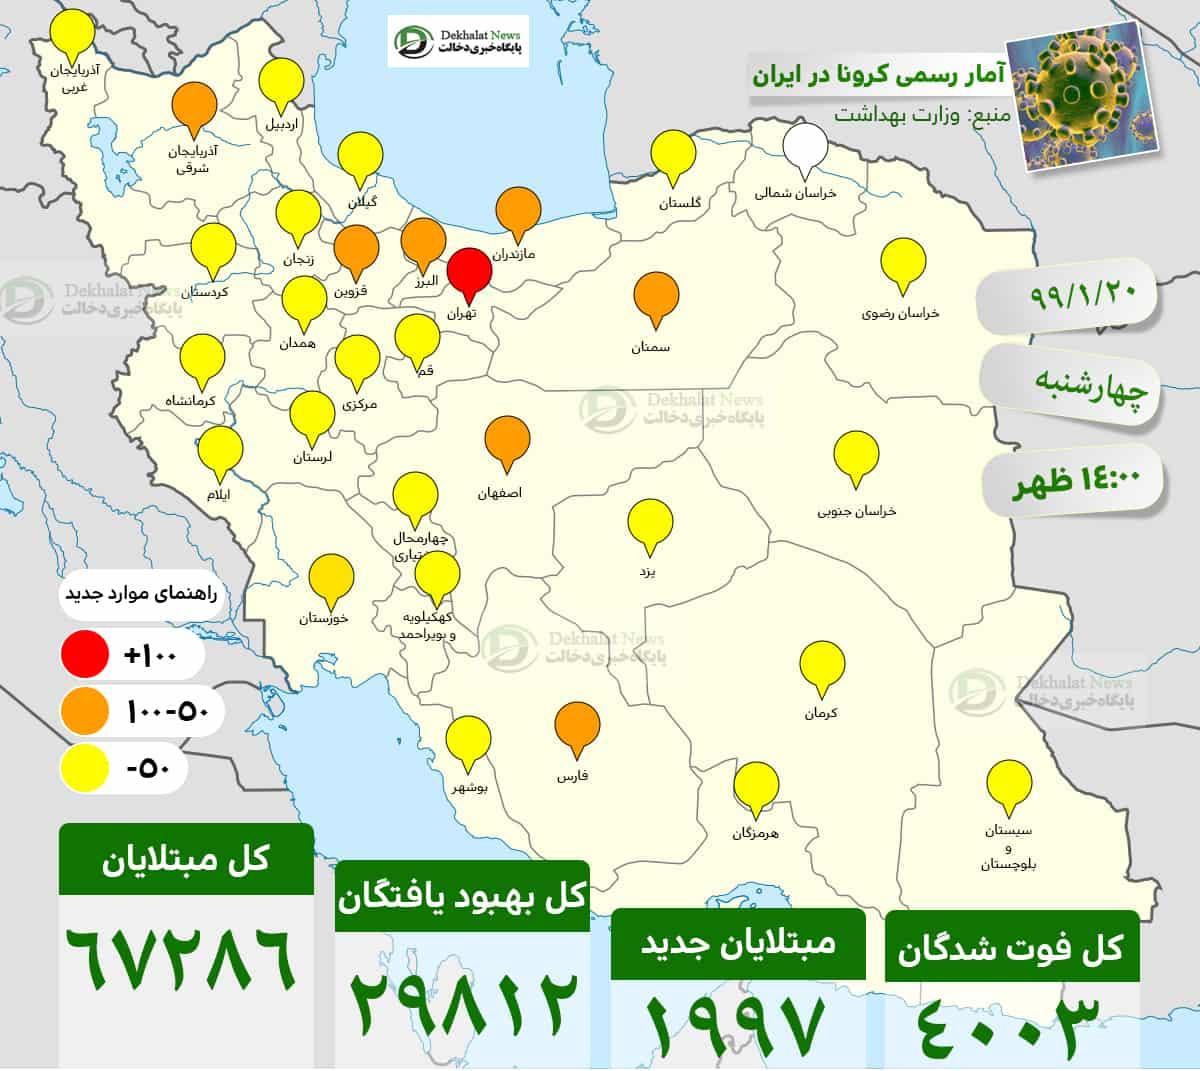 آمار رسمی کرونا در ایران .20 99.1